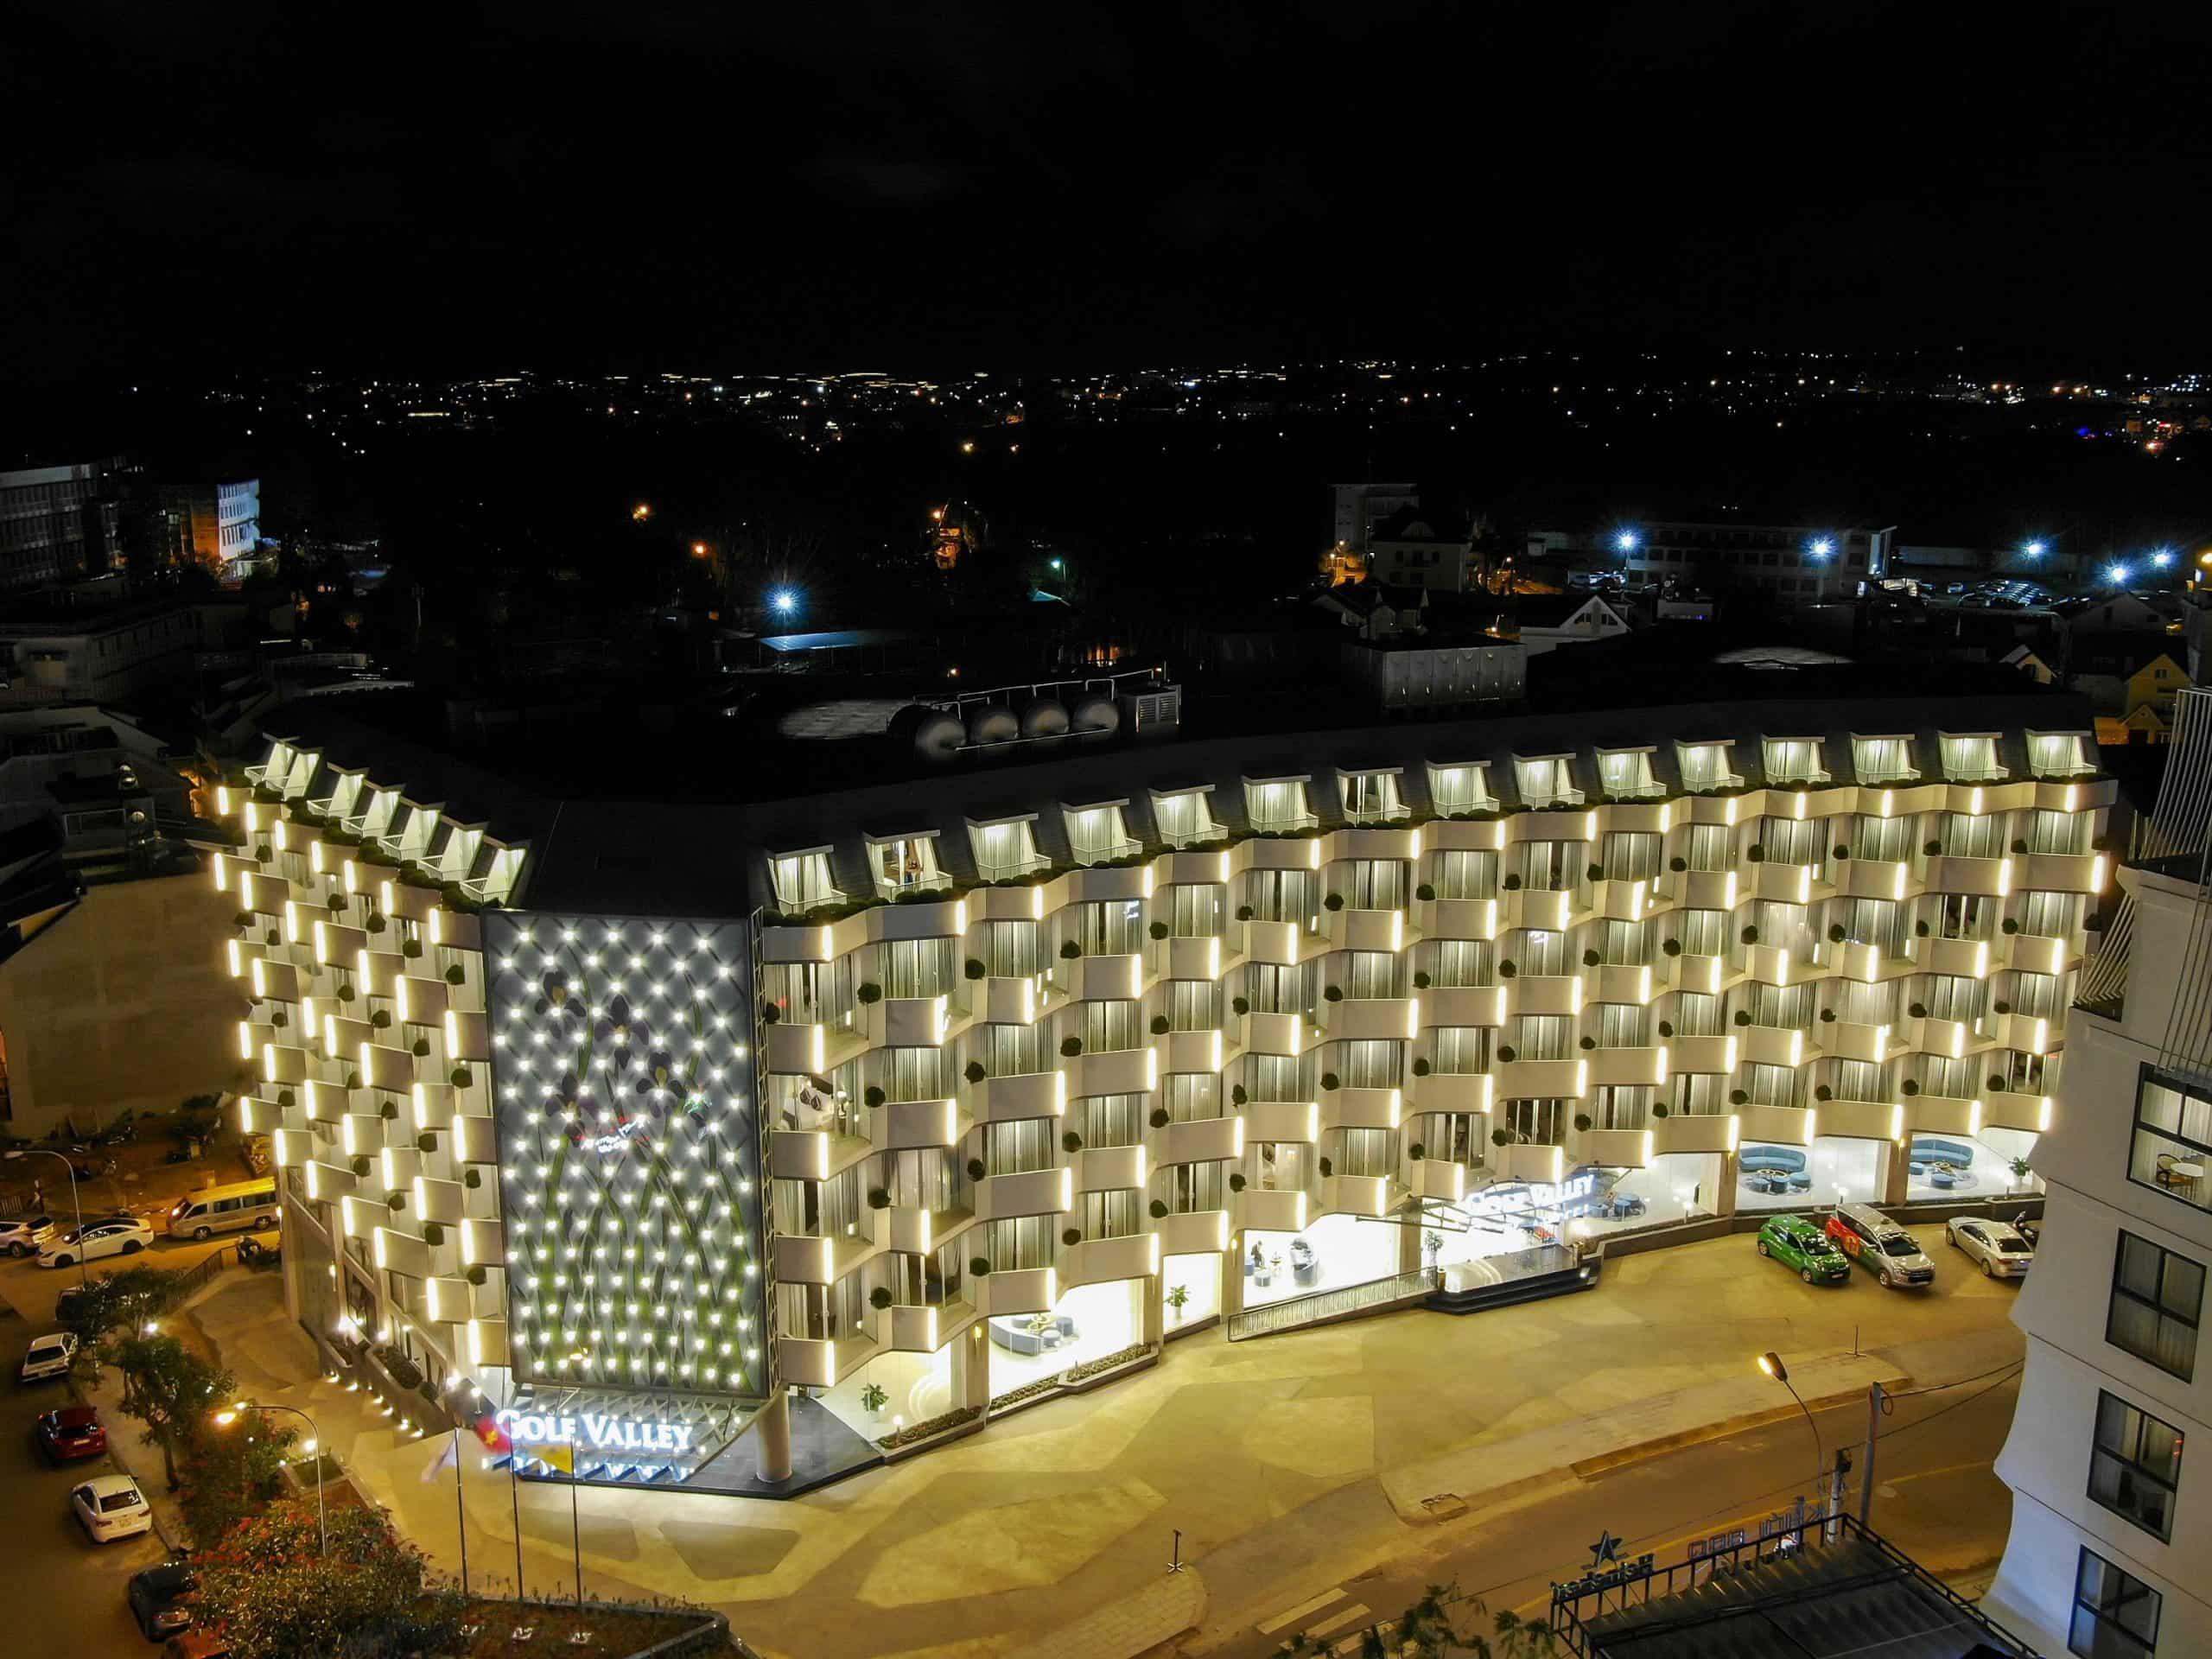 Khách sạn Golf Valley Đà Lạt có kiến trúc ấn tượng